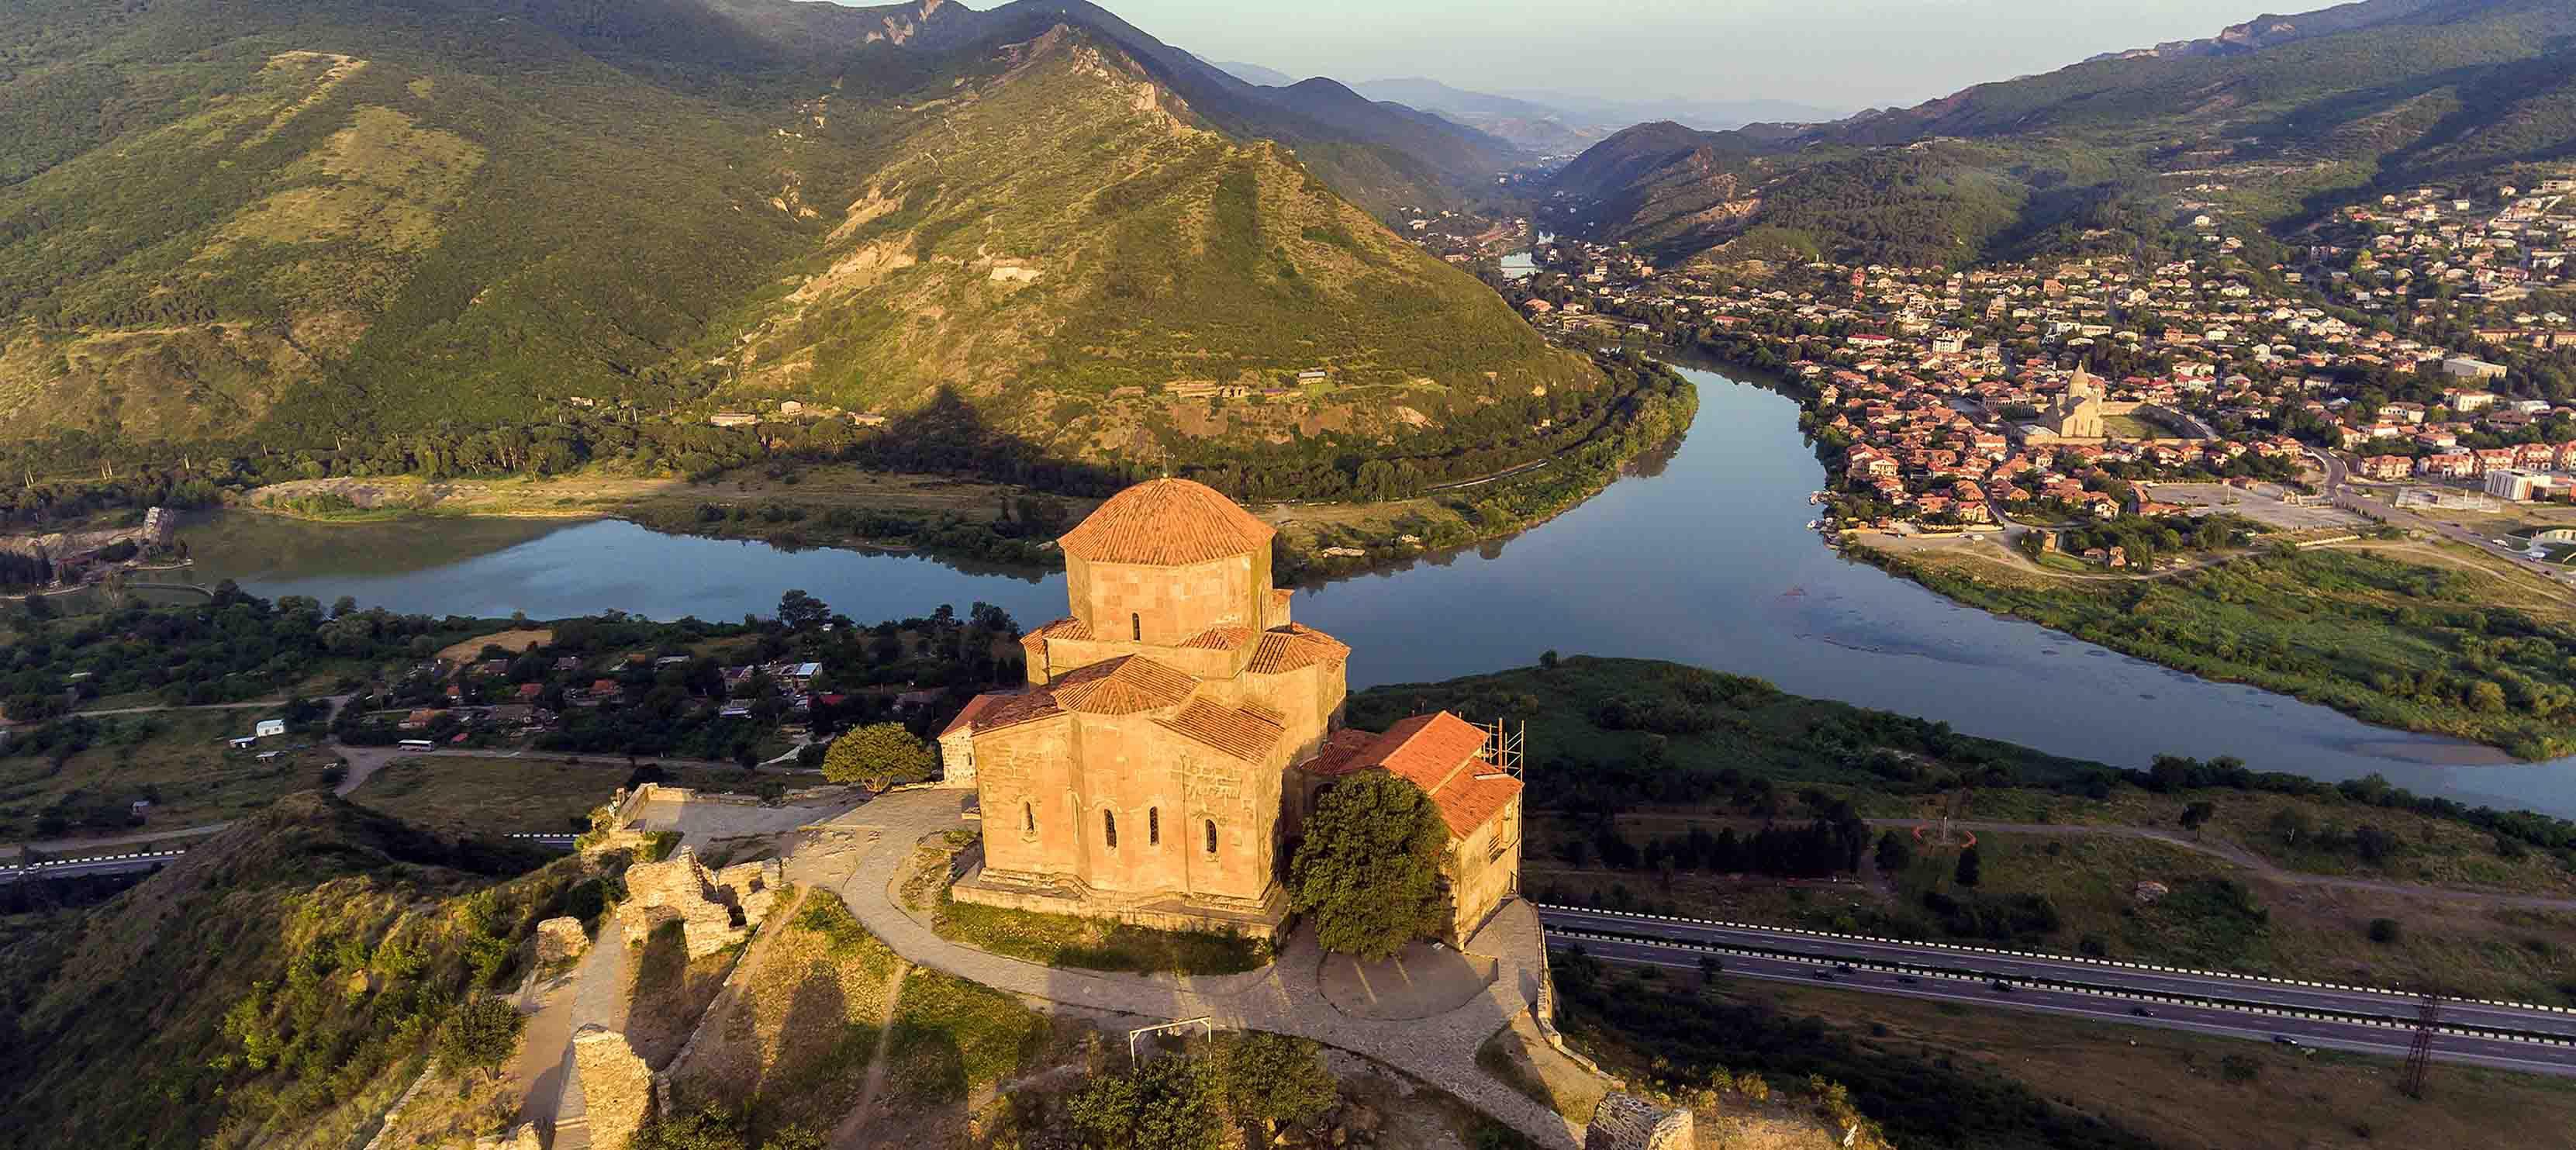 Mtkvari med Jvarir-klosteret i Georgien